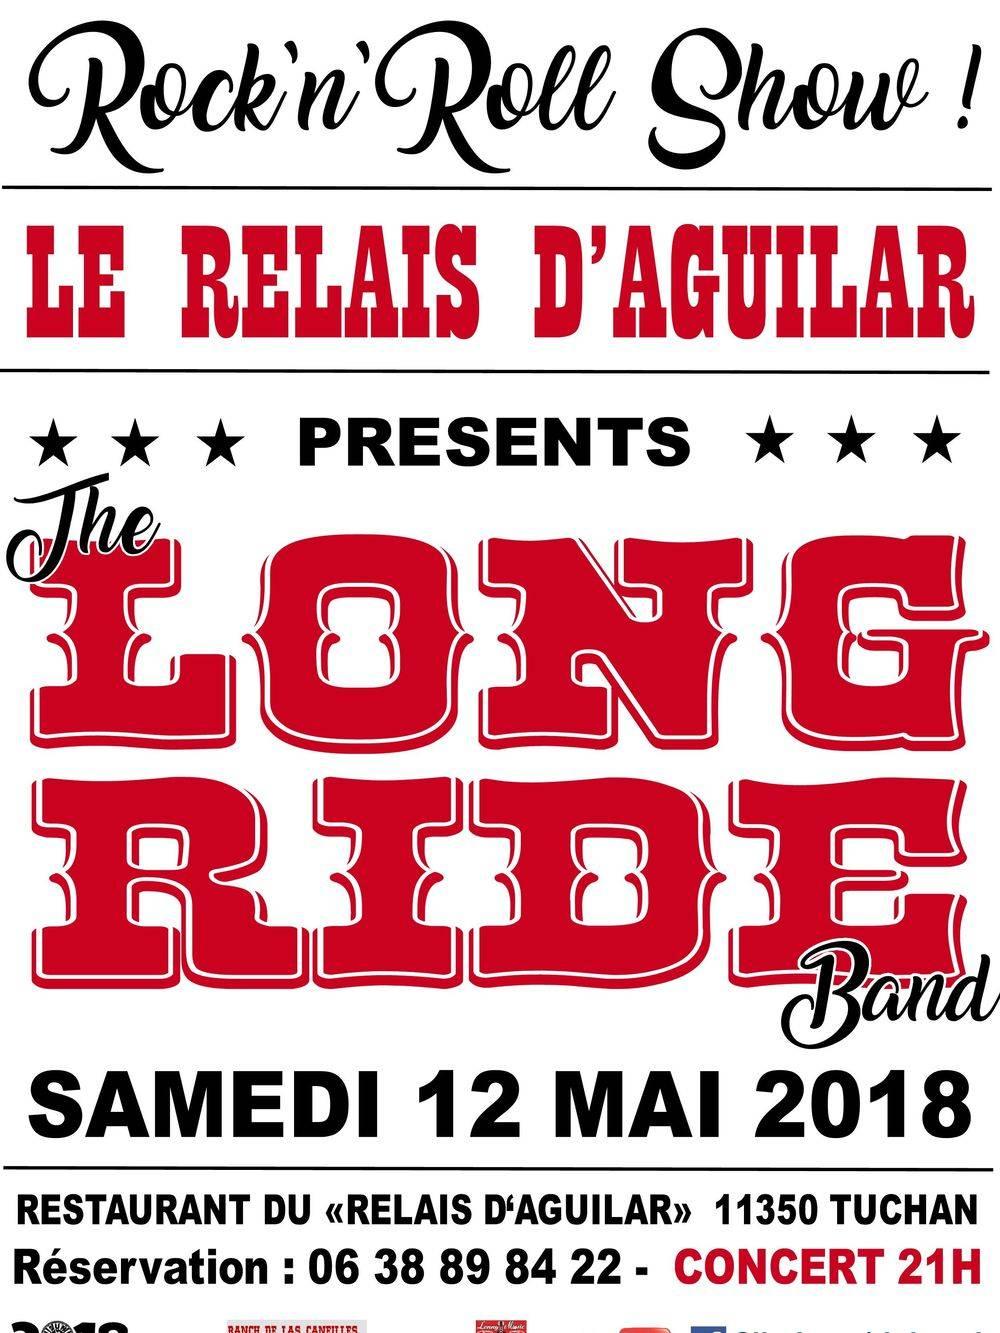 Did MARTIN & LONG RIDE BAND au Relais d'Aguilar